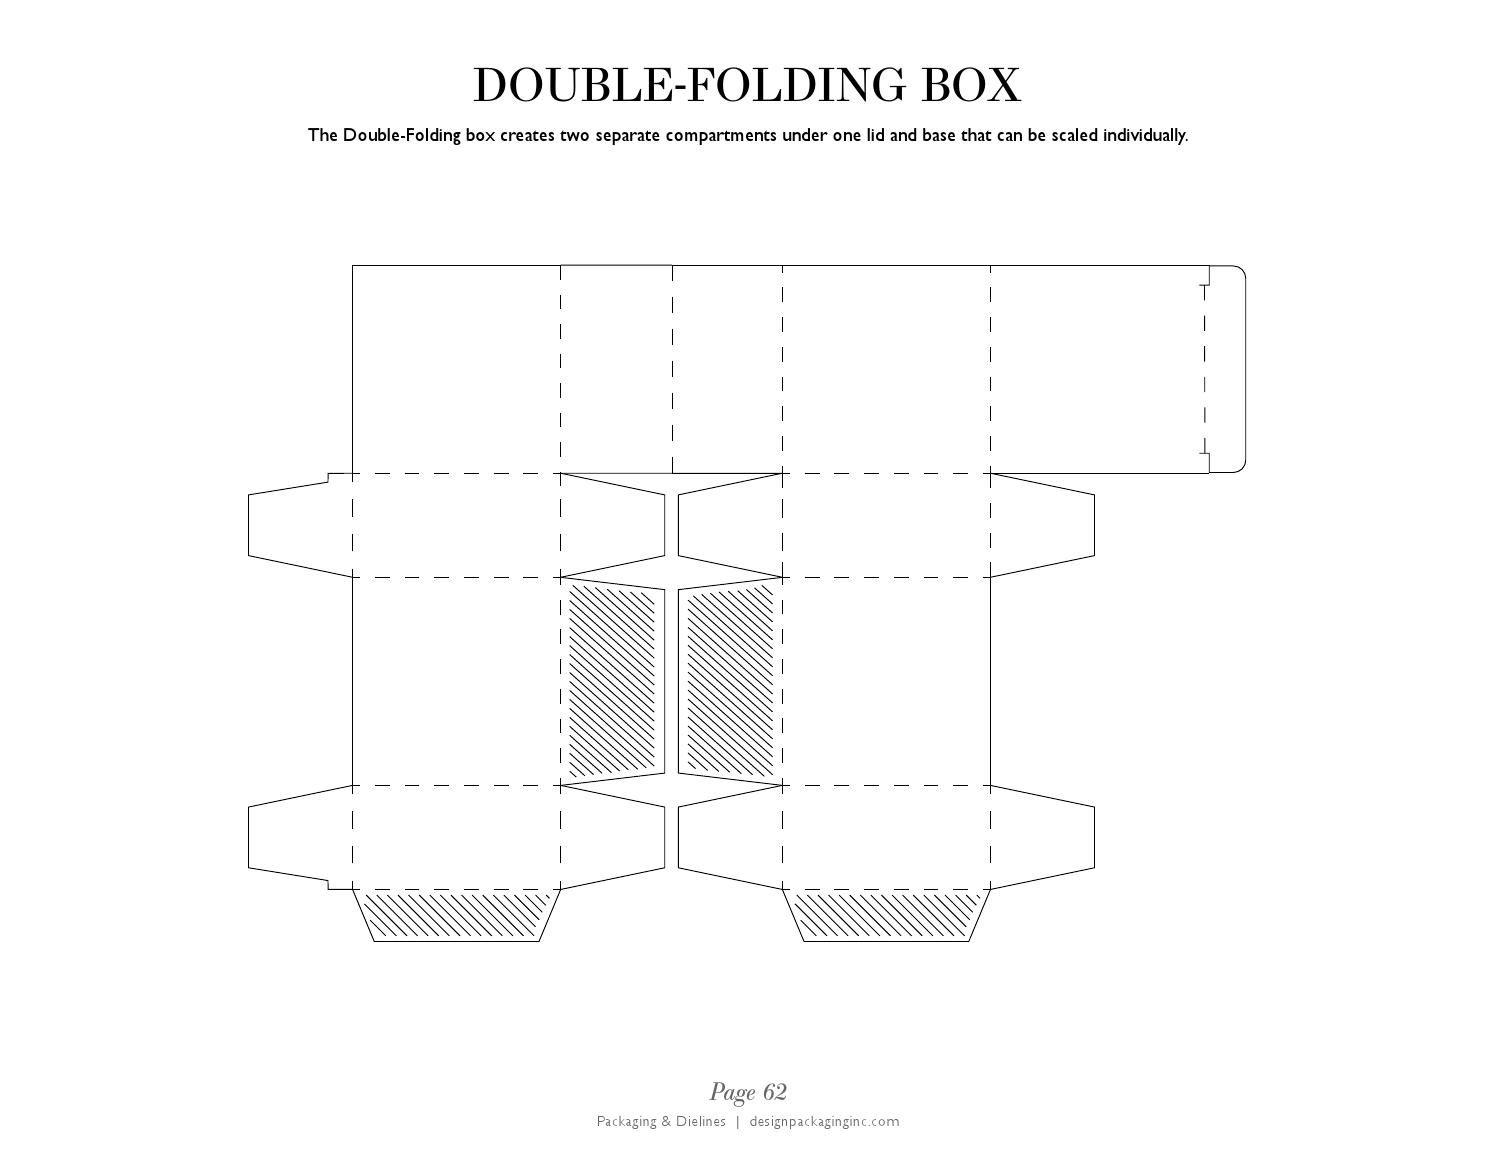 PACKAGING & DIELINES: The Designer's Book of Packaging